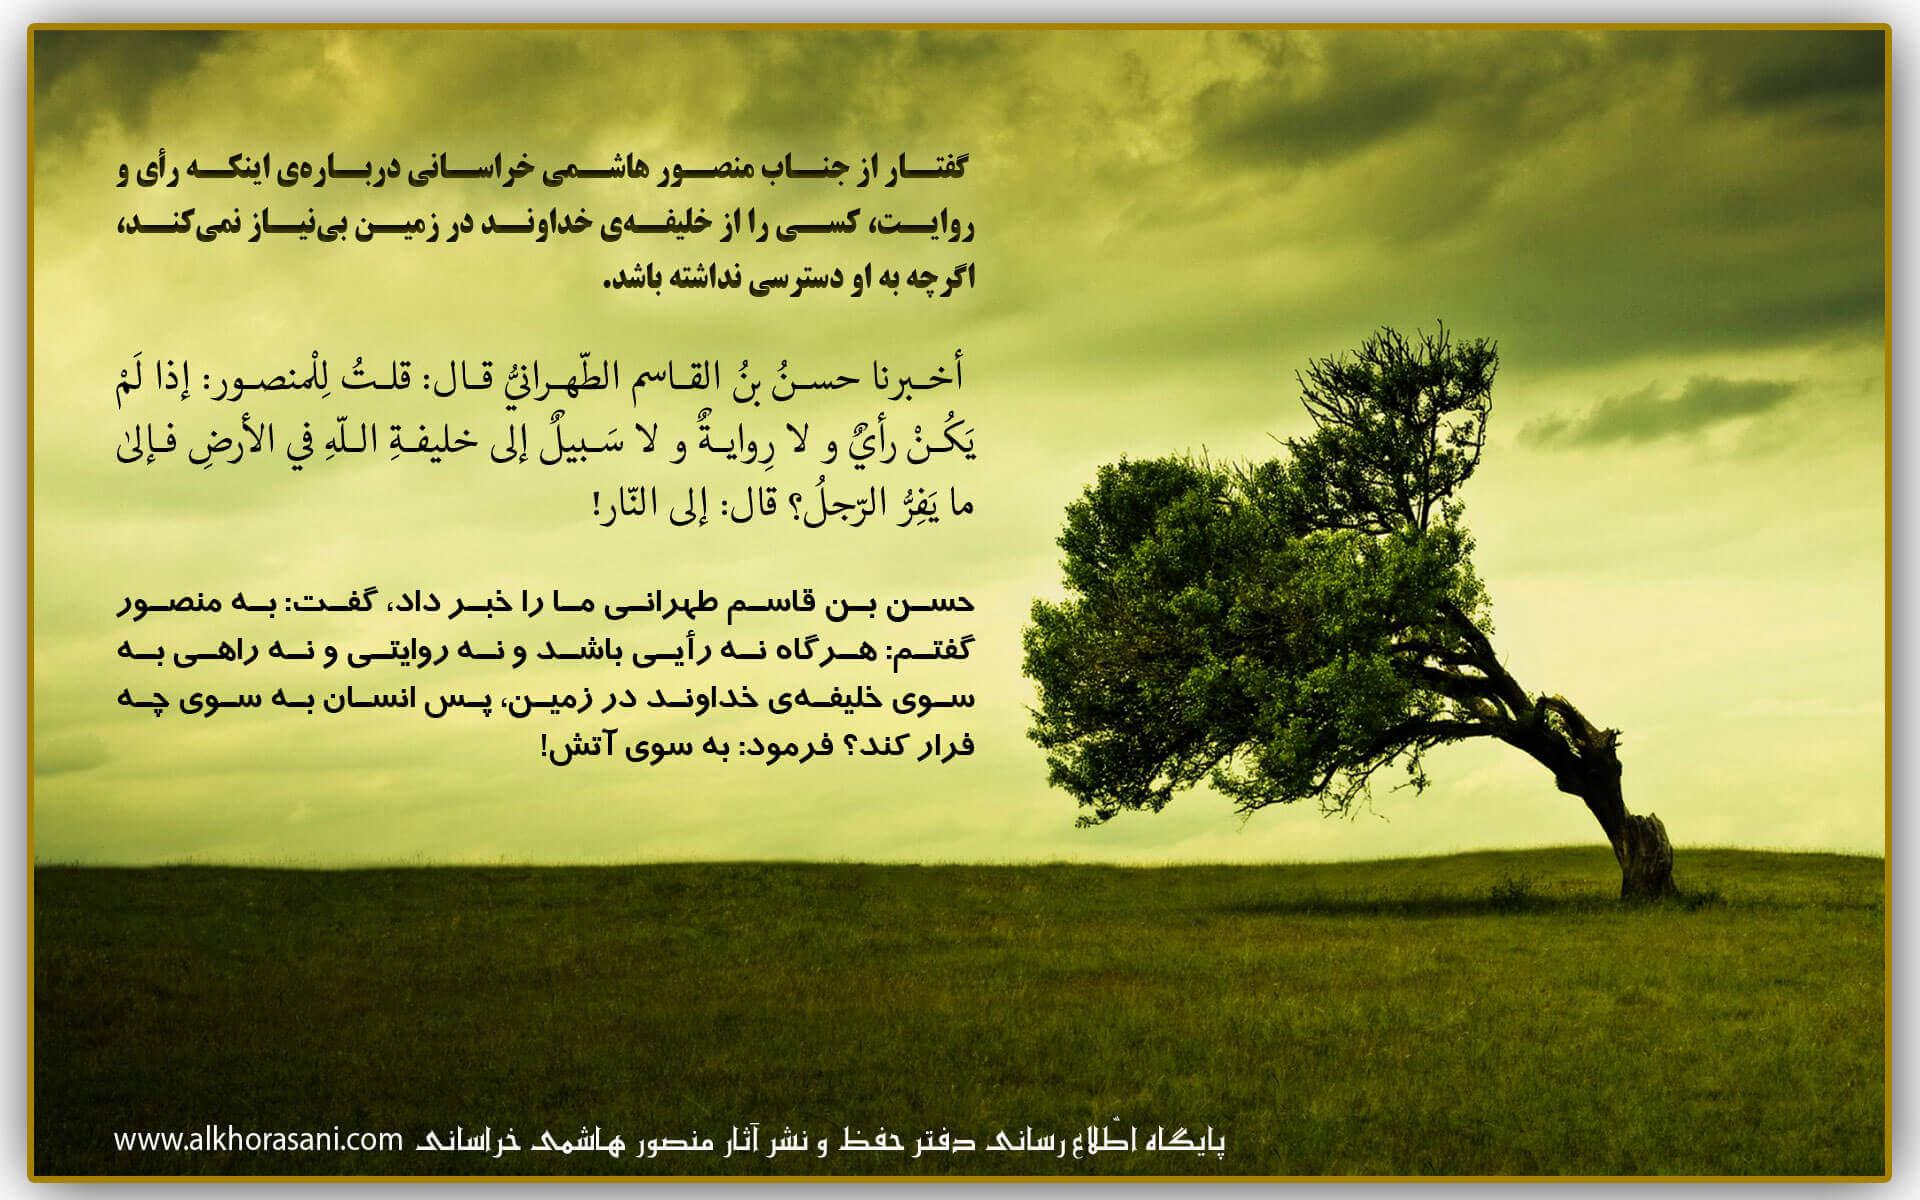 گفتاری از آن جناب دربارهی اینکه رأی و روایت کسی را از خلیفهی خداوند در زمین بینیاز نمیکند (2)